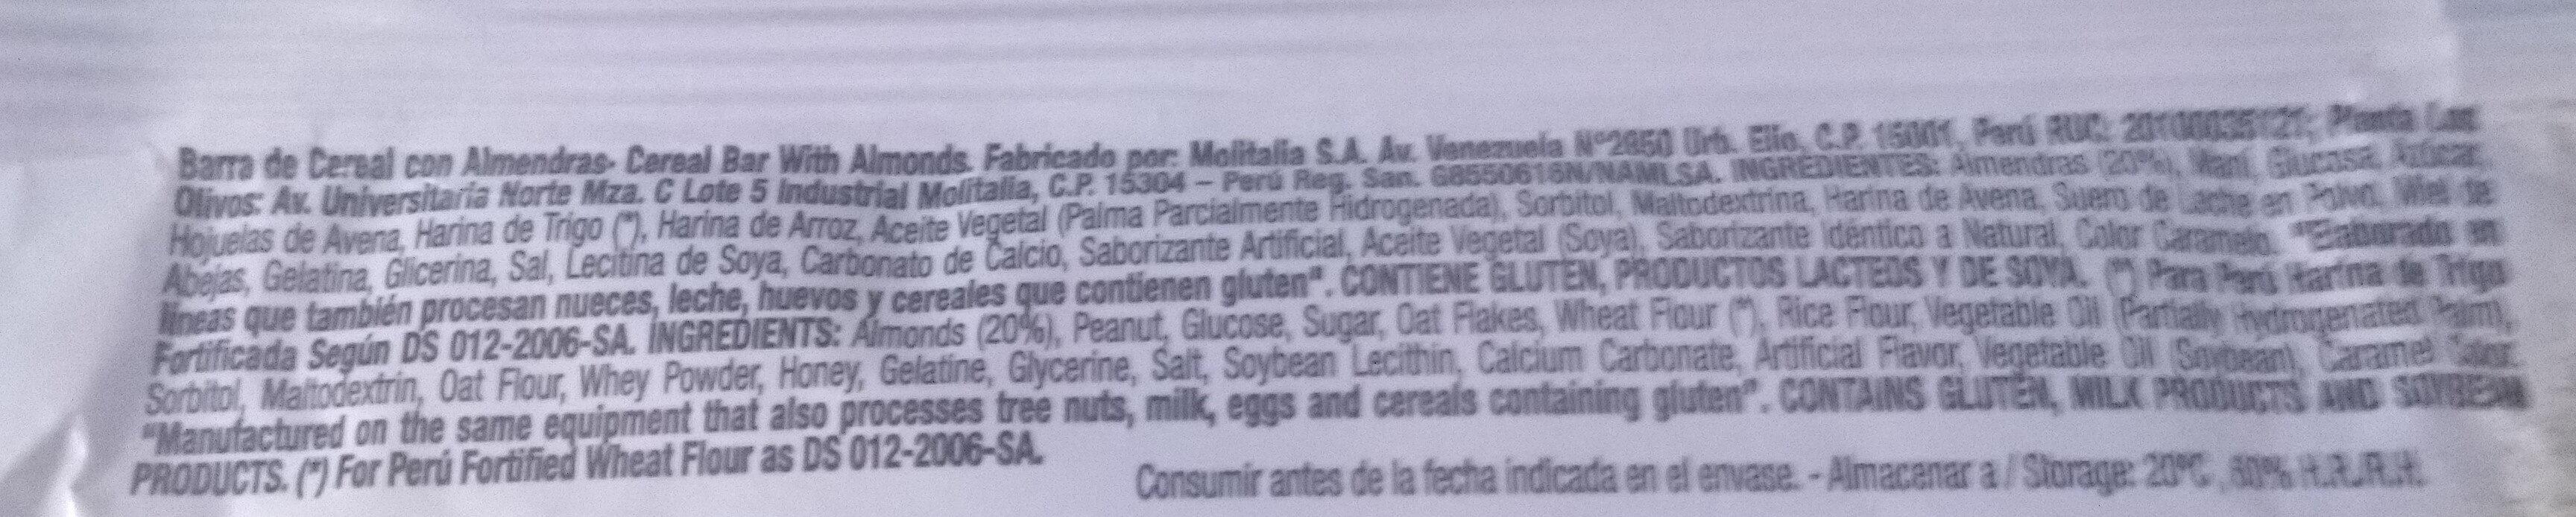 Cereal Bar Nuts Almendras - Ingredients - es